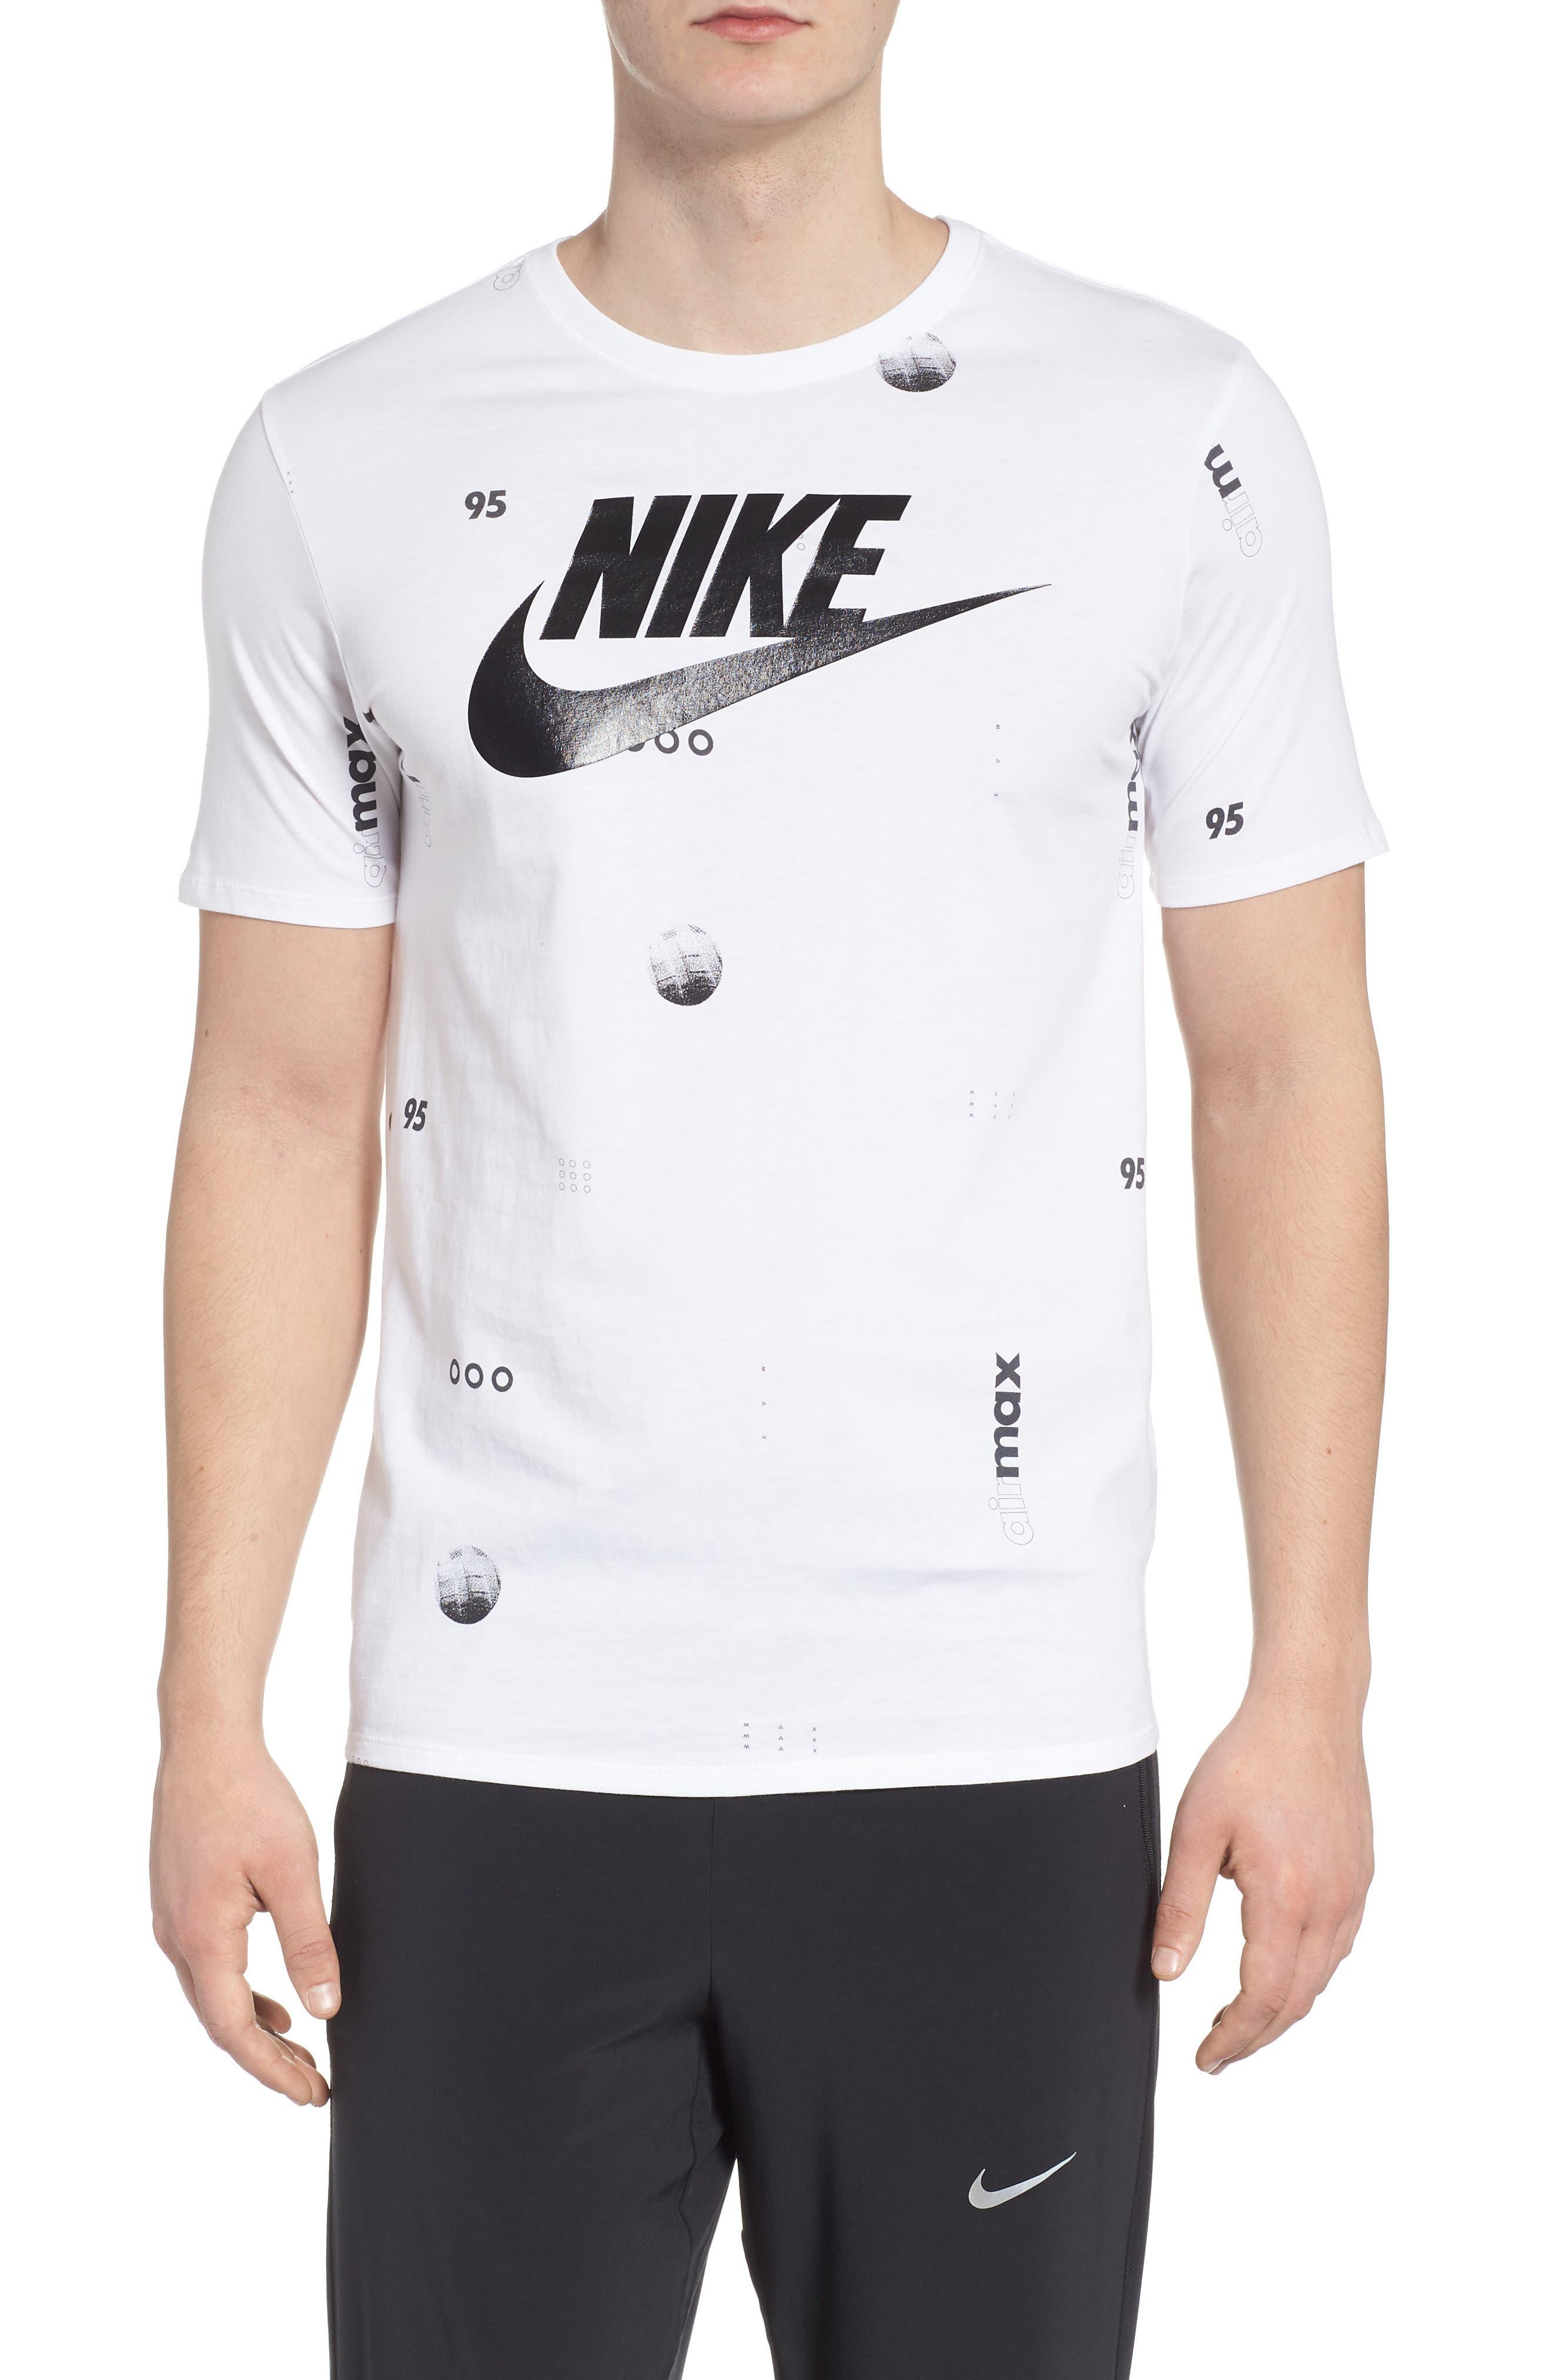 c9f116ad03 Nike Sportswear Air Max Print T-Shirt In White  Black